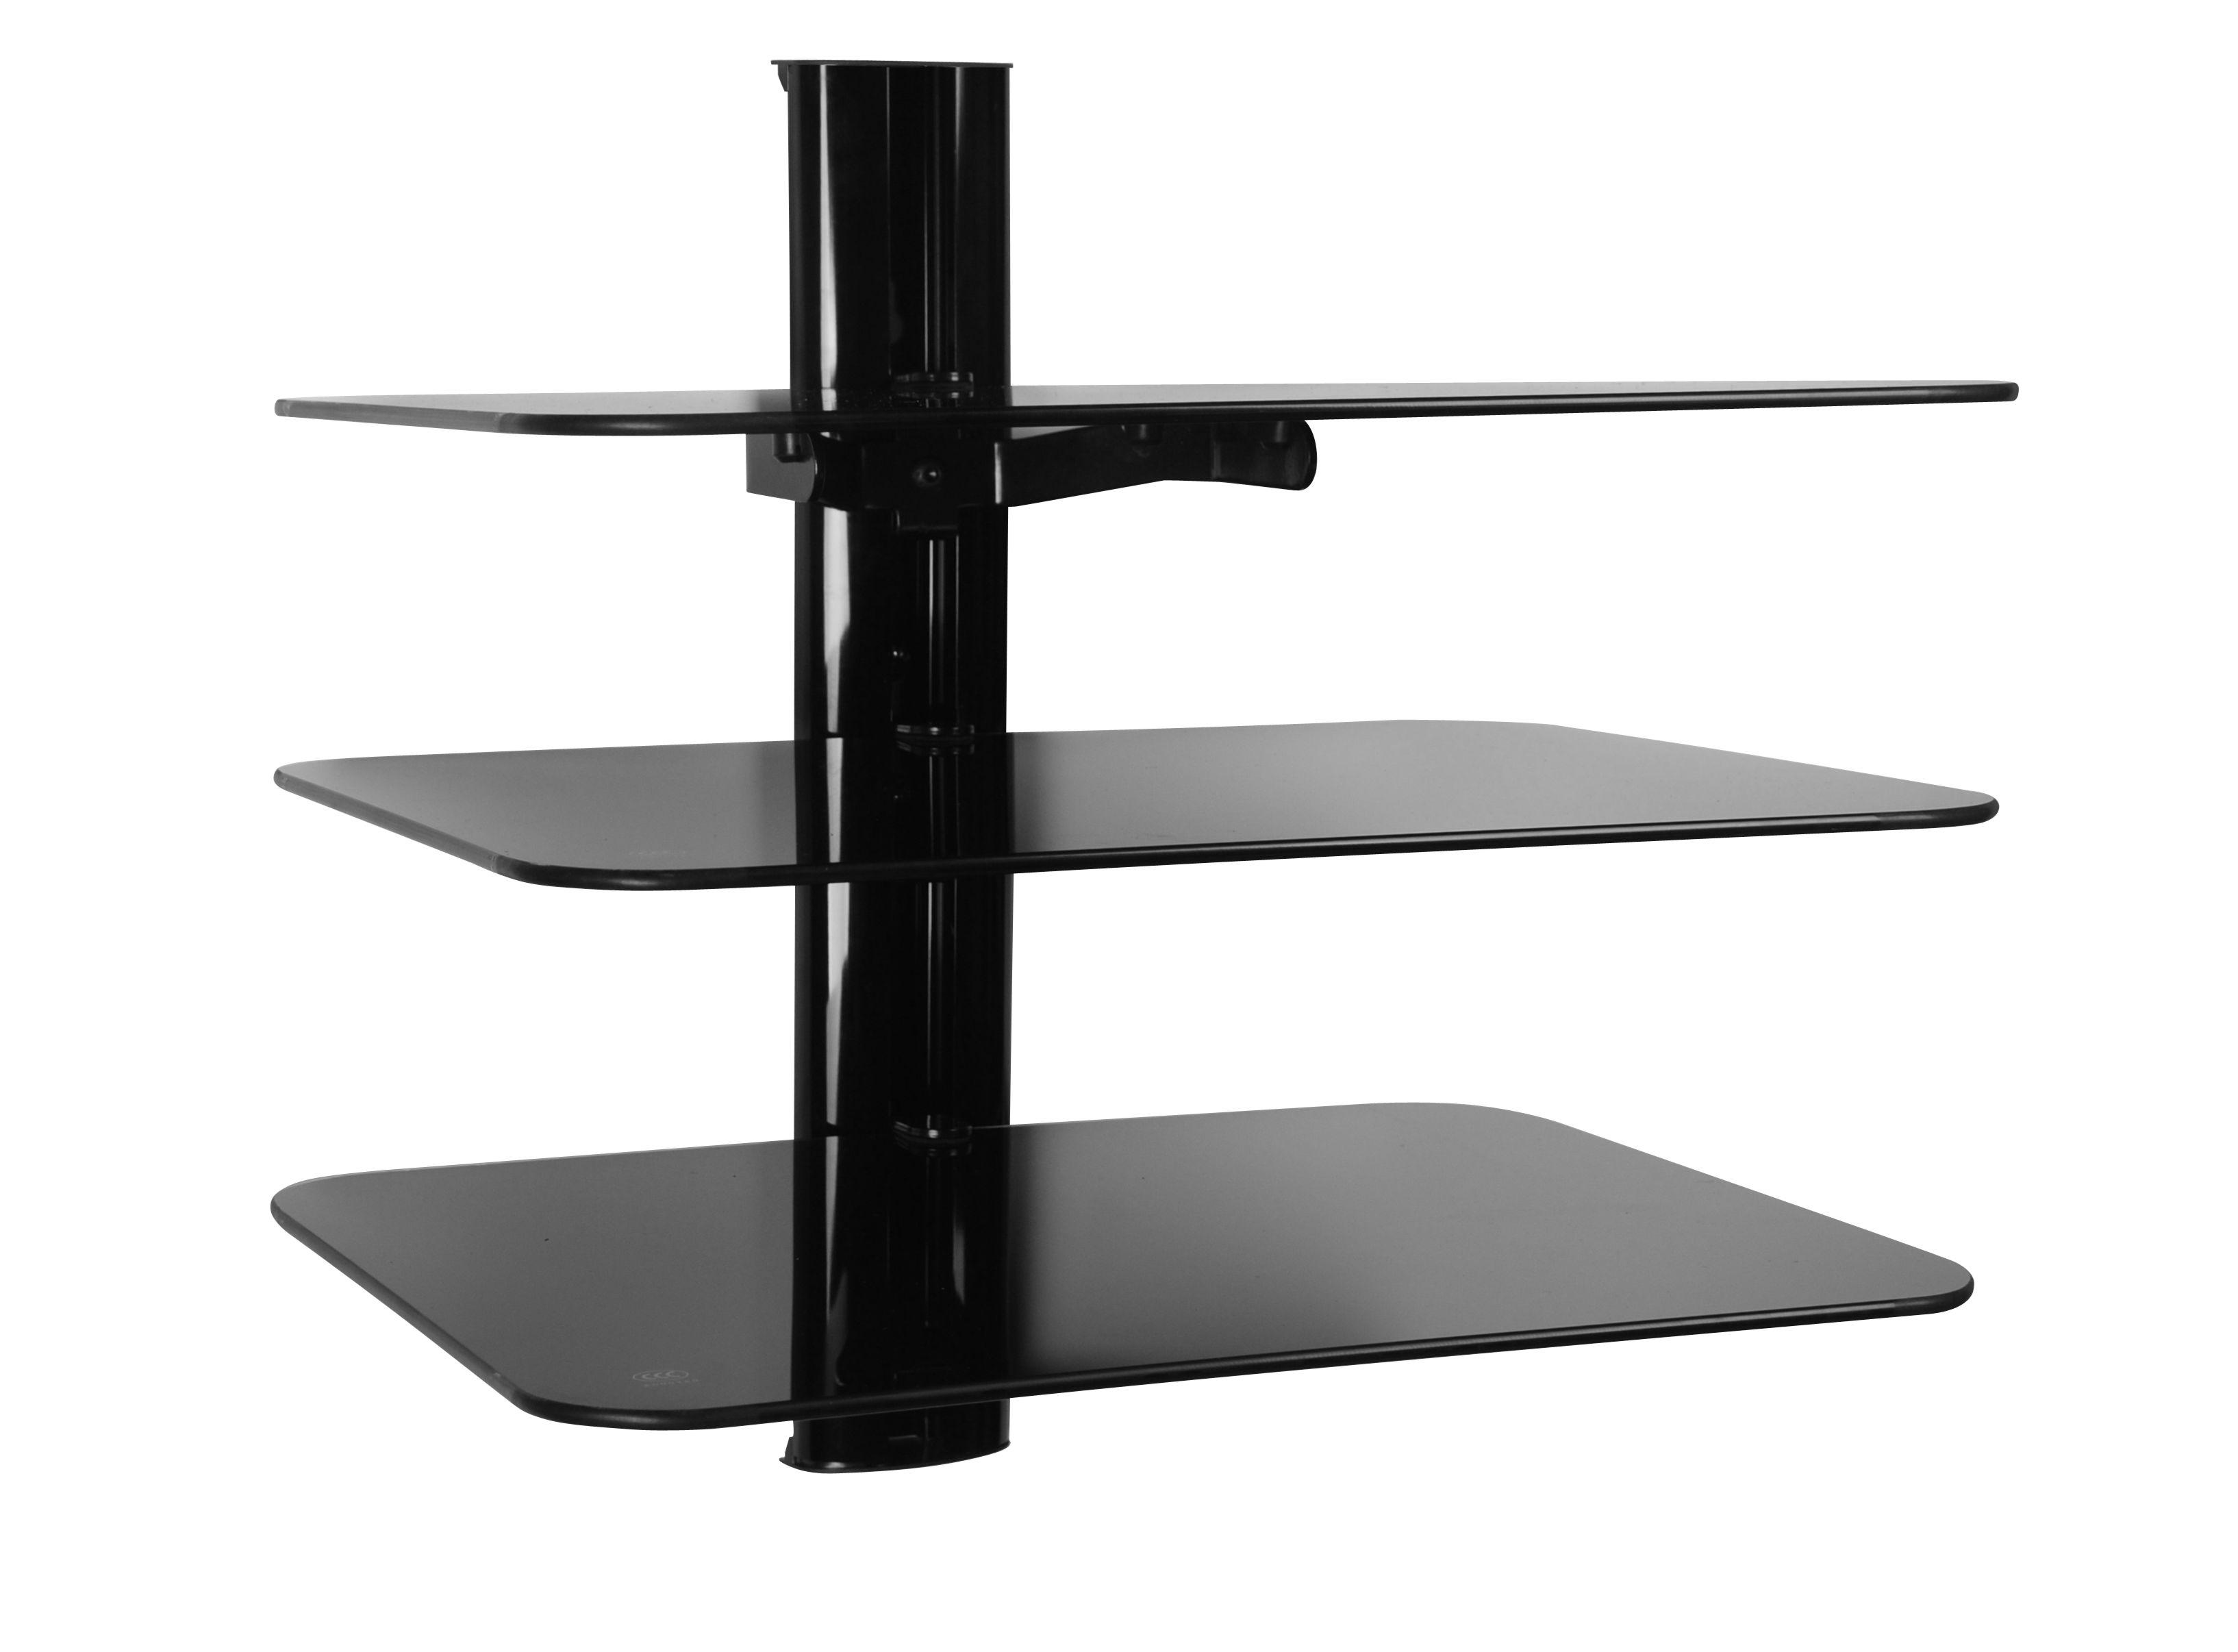 Triple Glass Av Shelving System Regarding Floating Black Glass Shelf (#11 of 12)